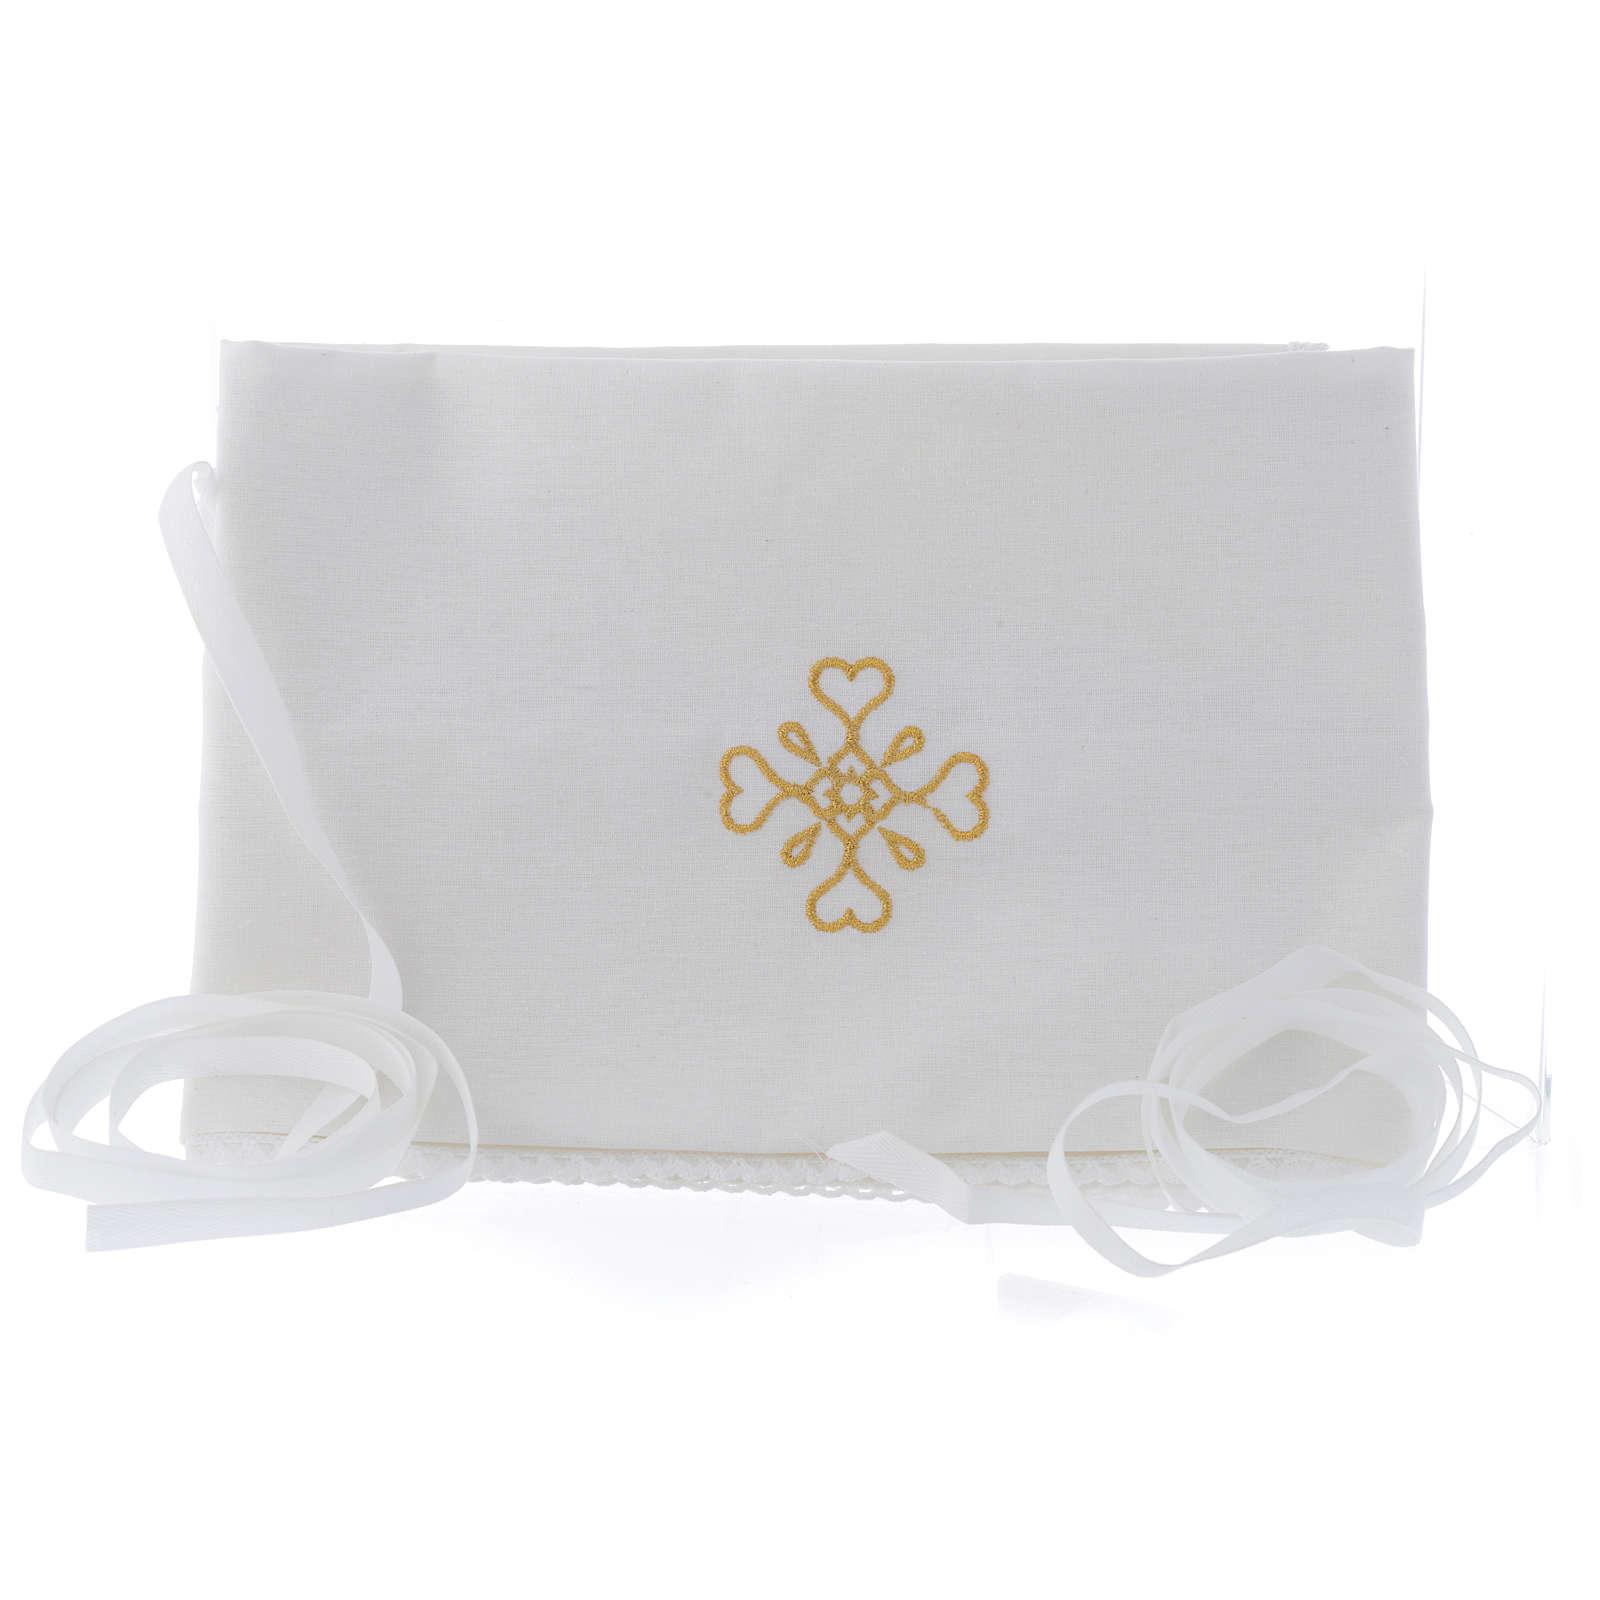 Amitto bianco in puro cotone con ricamo croce oro 4